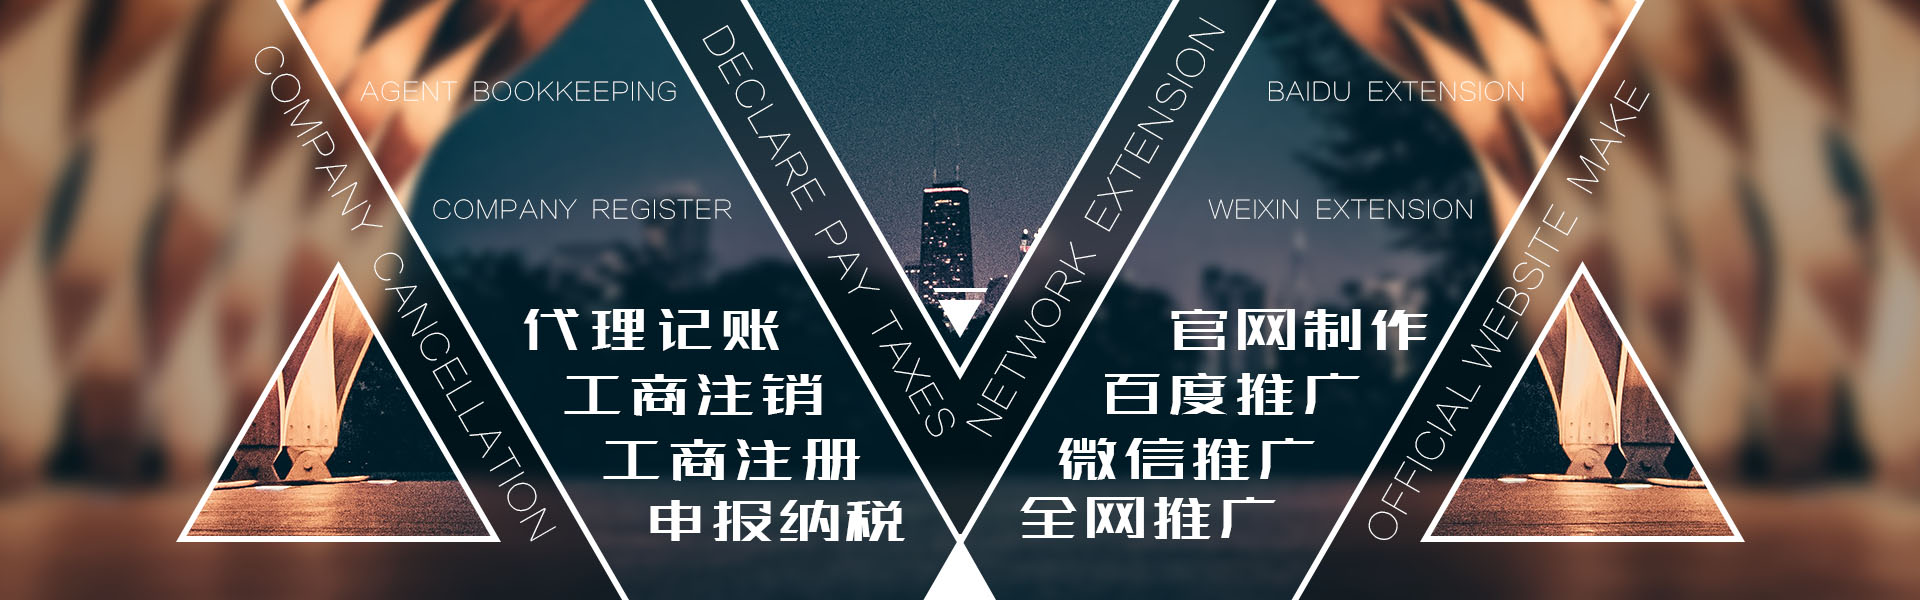 河北网擎网络科技有限公司